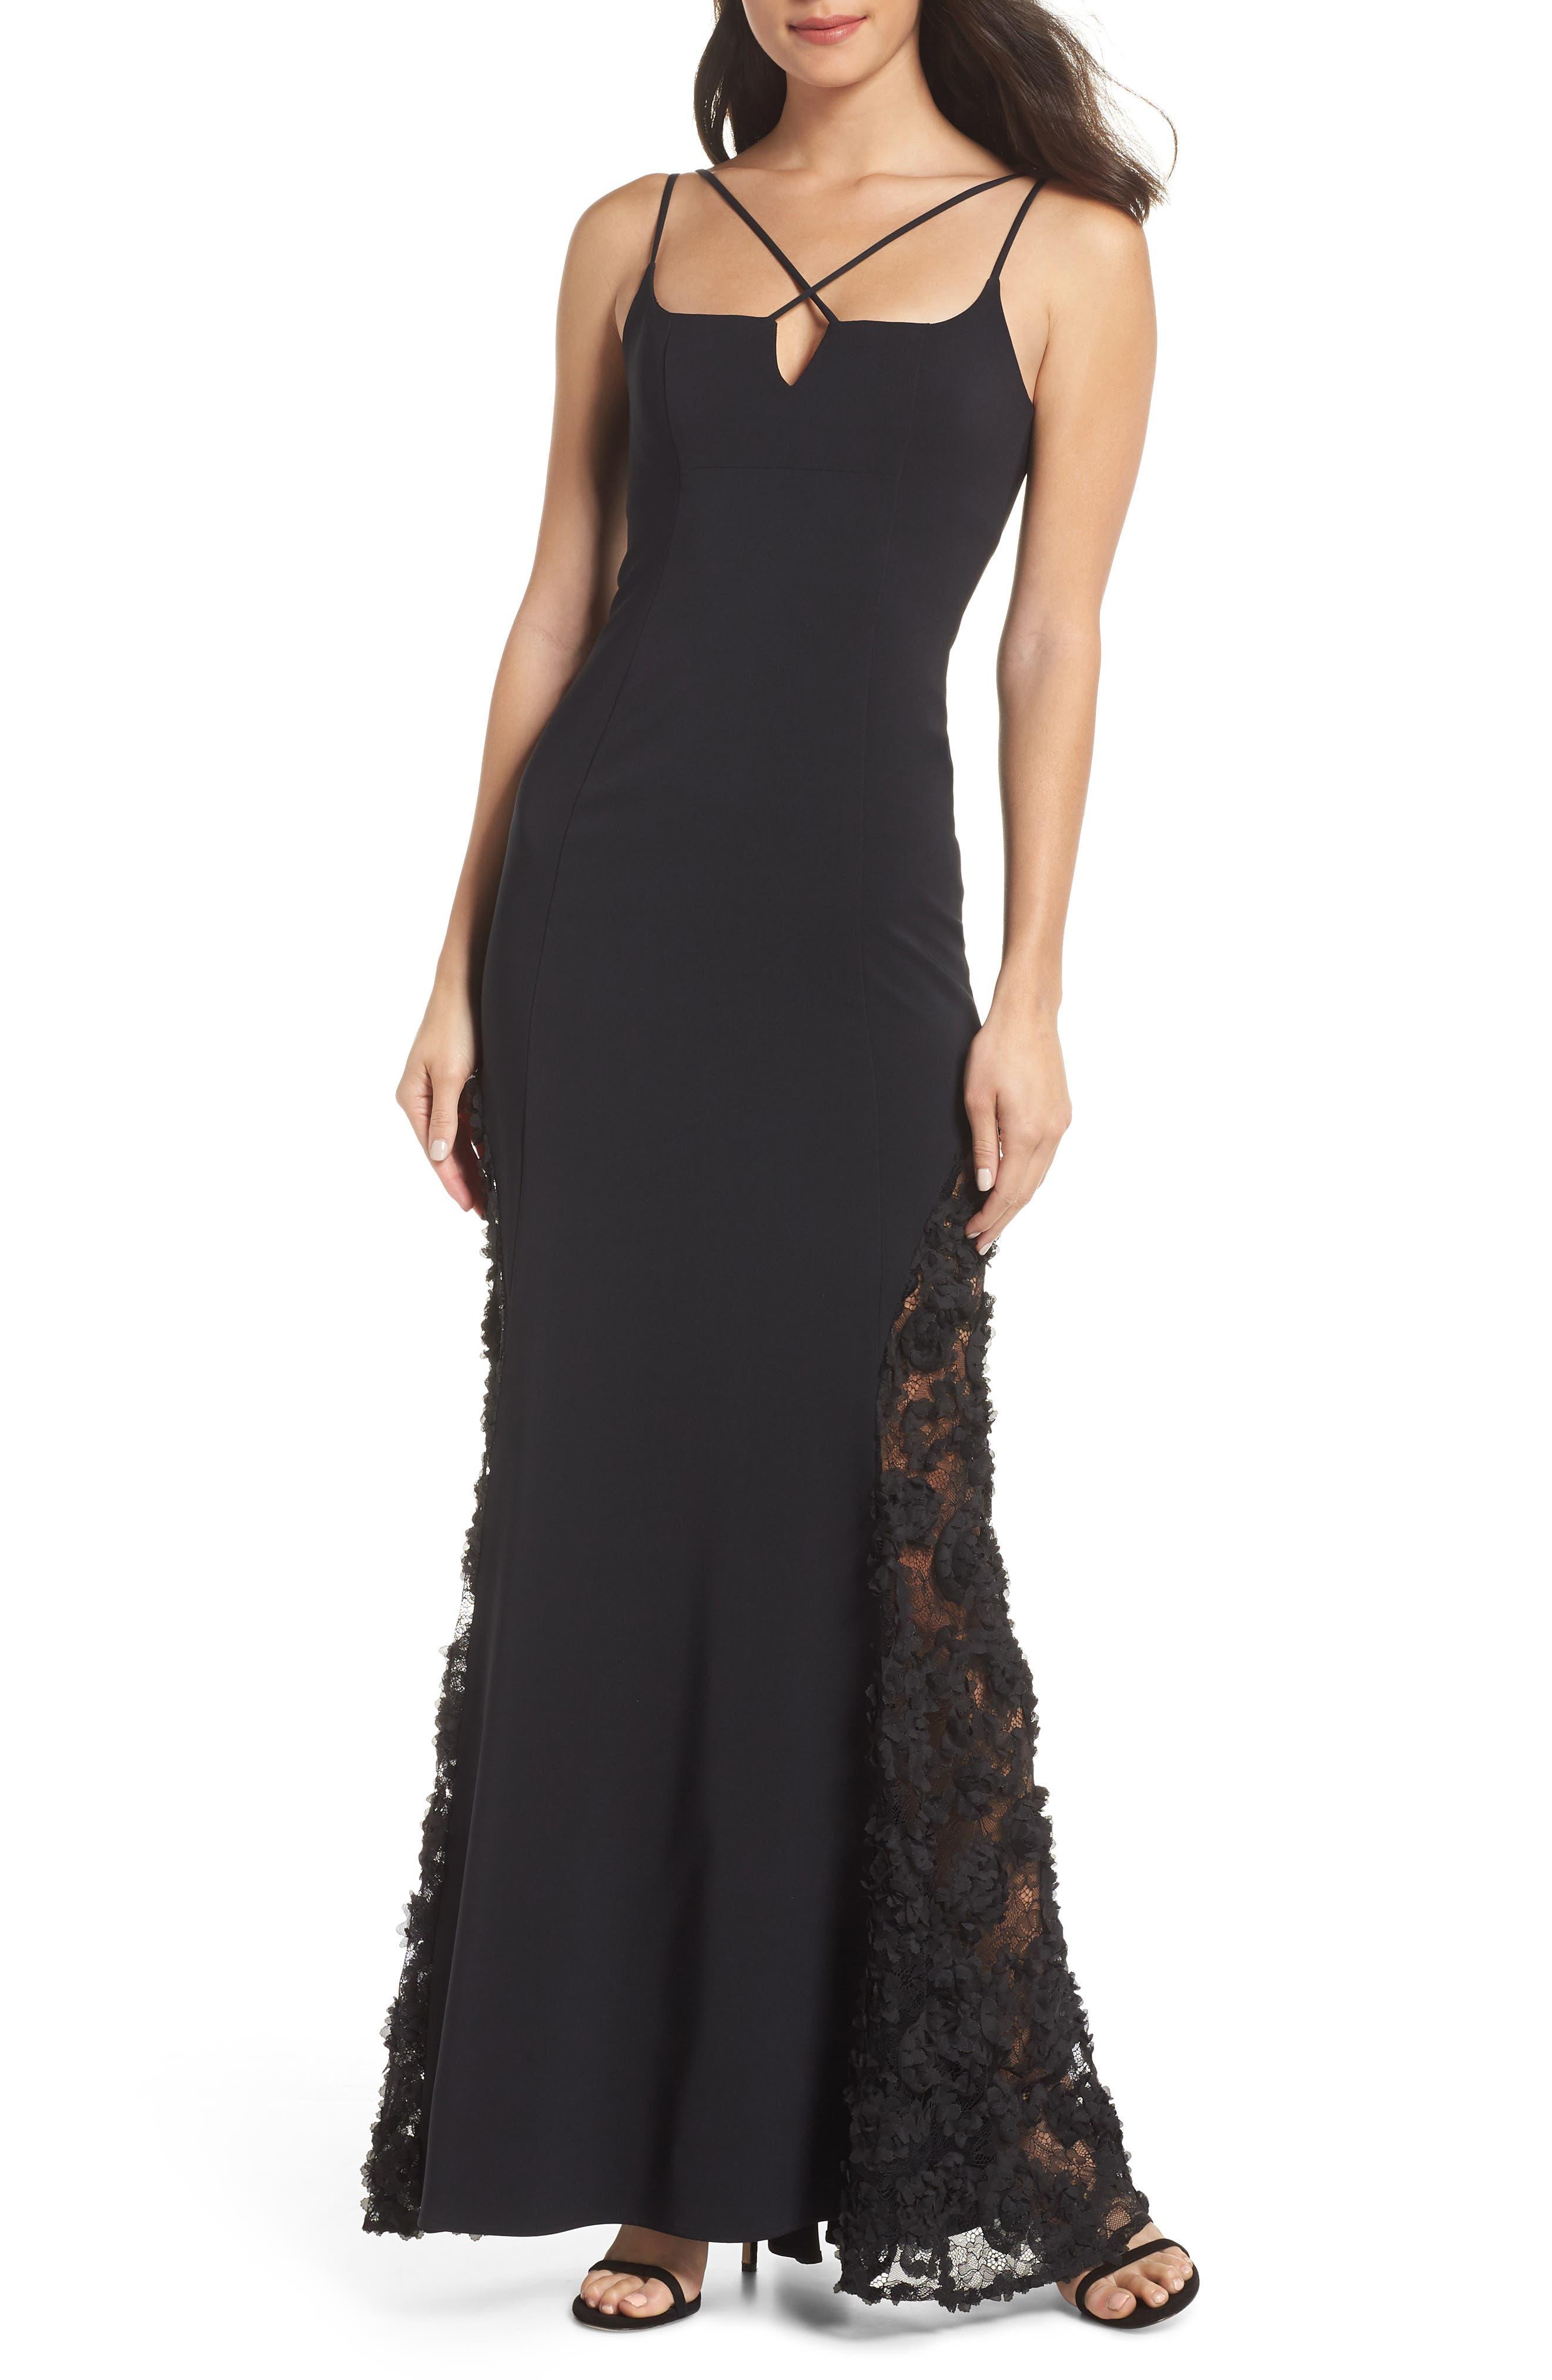 Maria Bianca Nero Mckenna Strappy Gown, Black